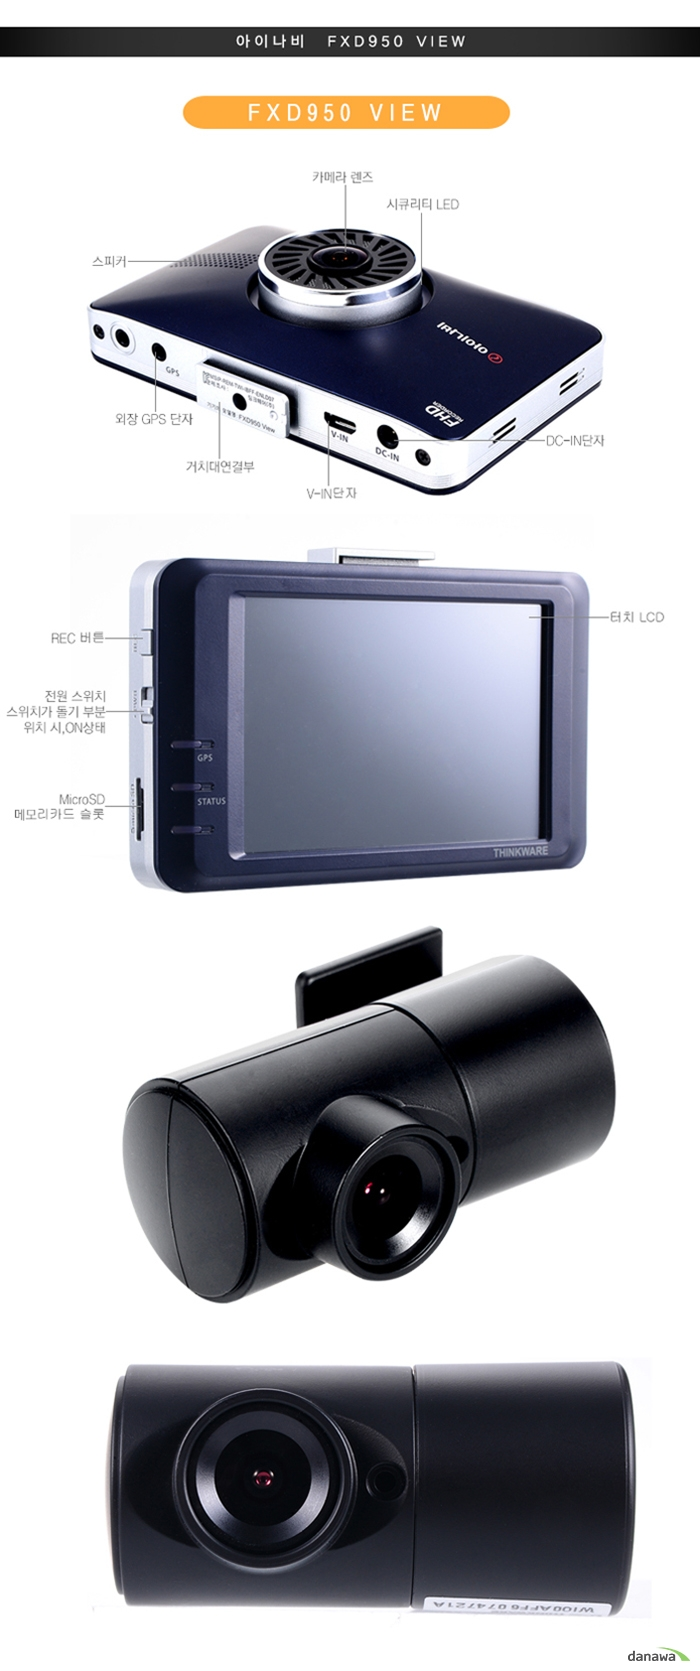 아이나비 FXD950 ViewFXD950 View카메라 렌즈, 시큐리티 LED, 스피커외장 GPS단자, 거치대연결부,V-IN단자,DC-IN단자REC 버튼, 터치 LCD전원 스위치스위치가 돌기 부분 위치시, ON상태MicroSD메모리카드 슬롯